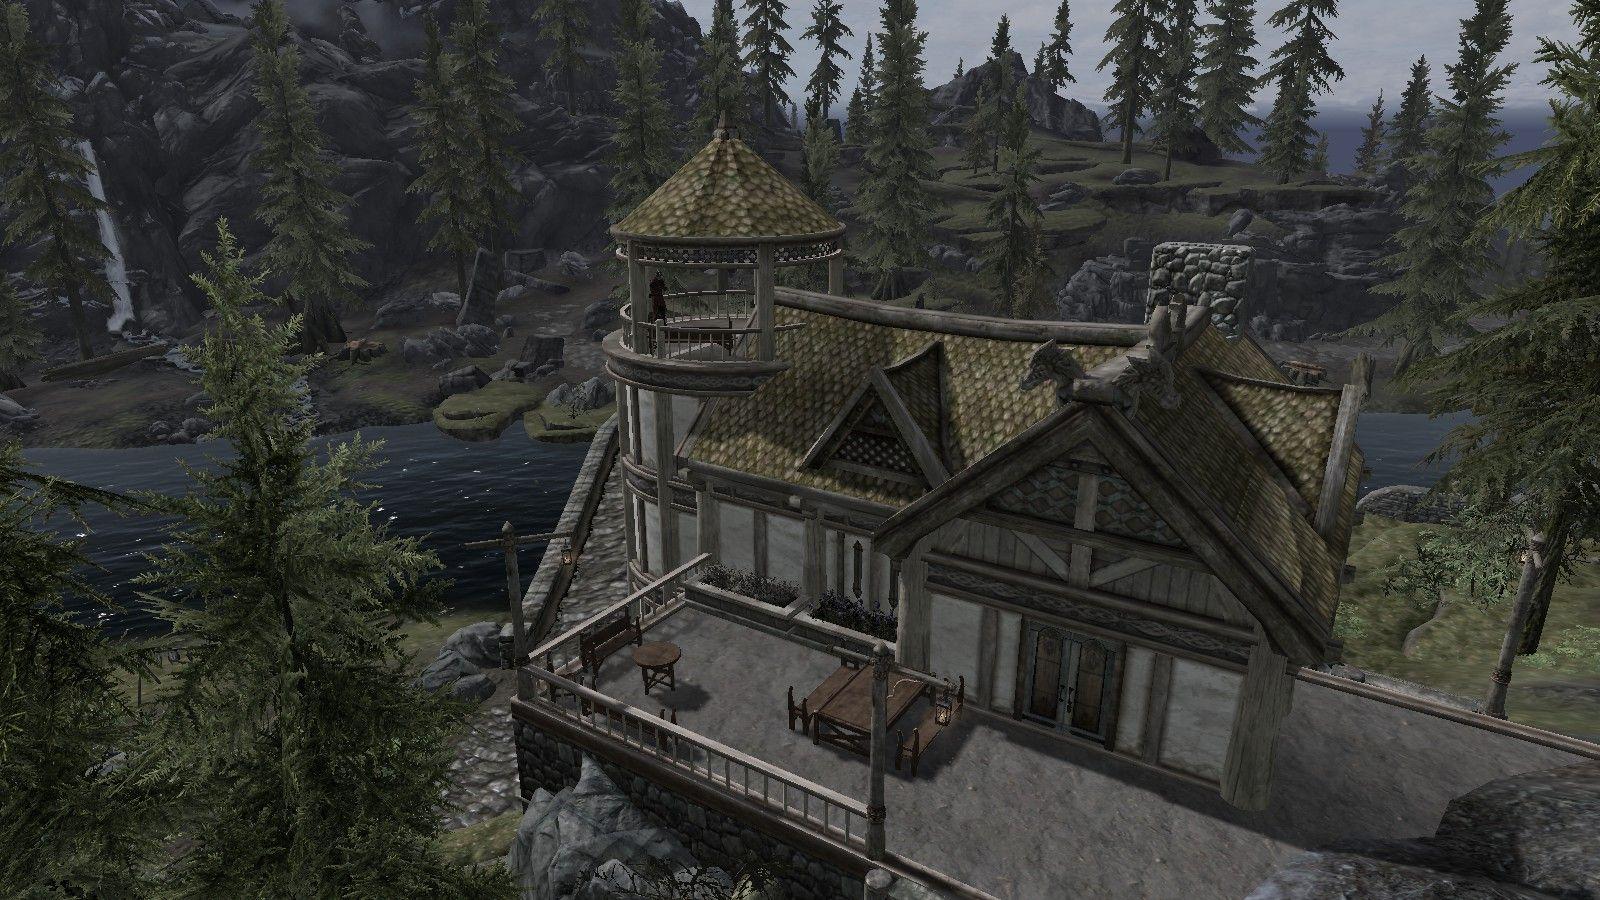 Skyrim House Skyrim House Mods Riverwood Mods Of Skyrim Pinterest Skyrim . Skyrim  House ...